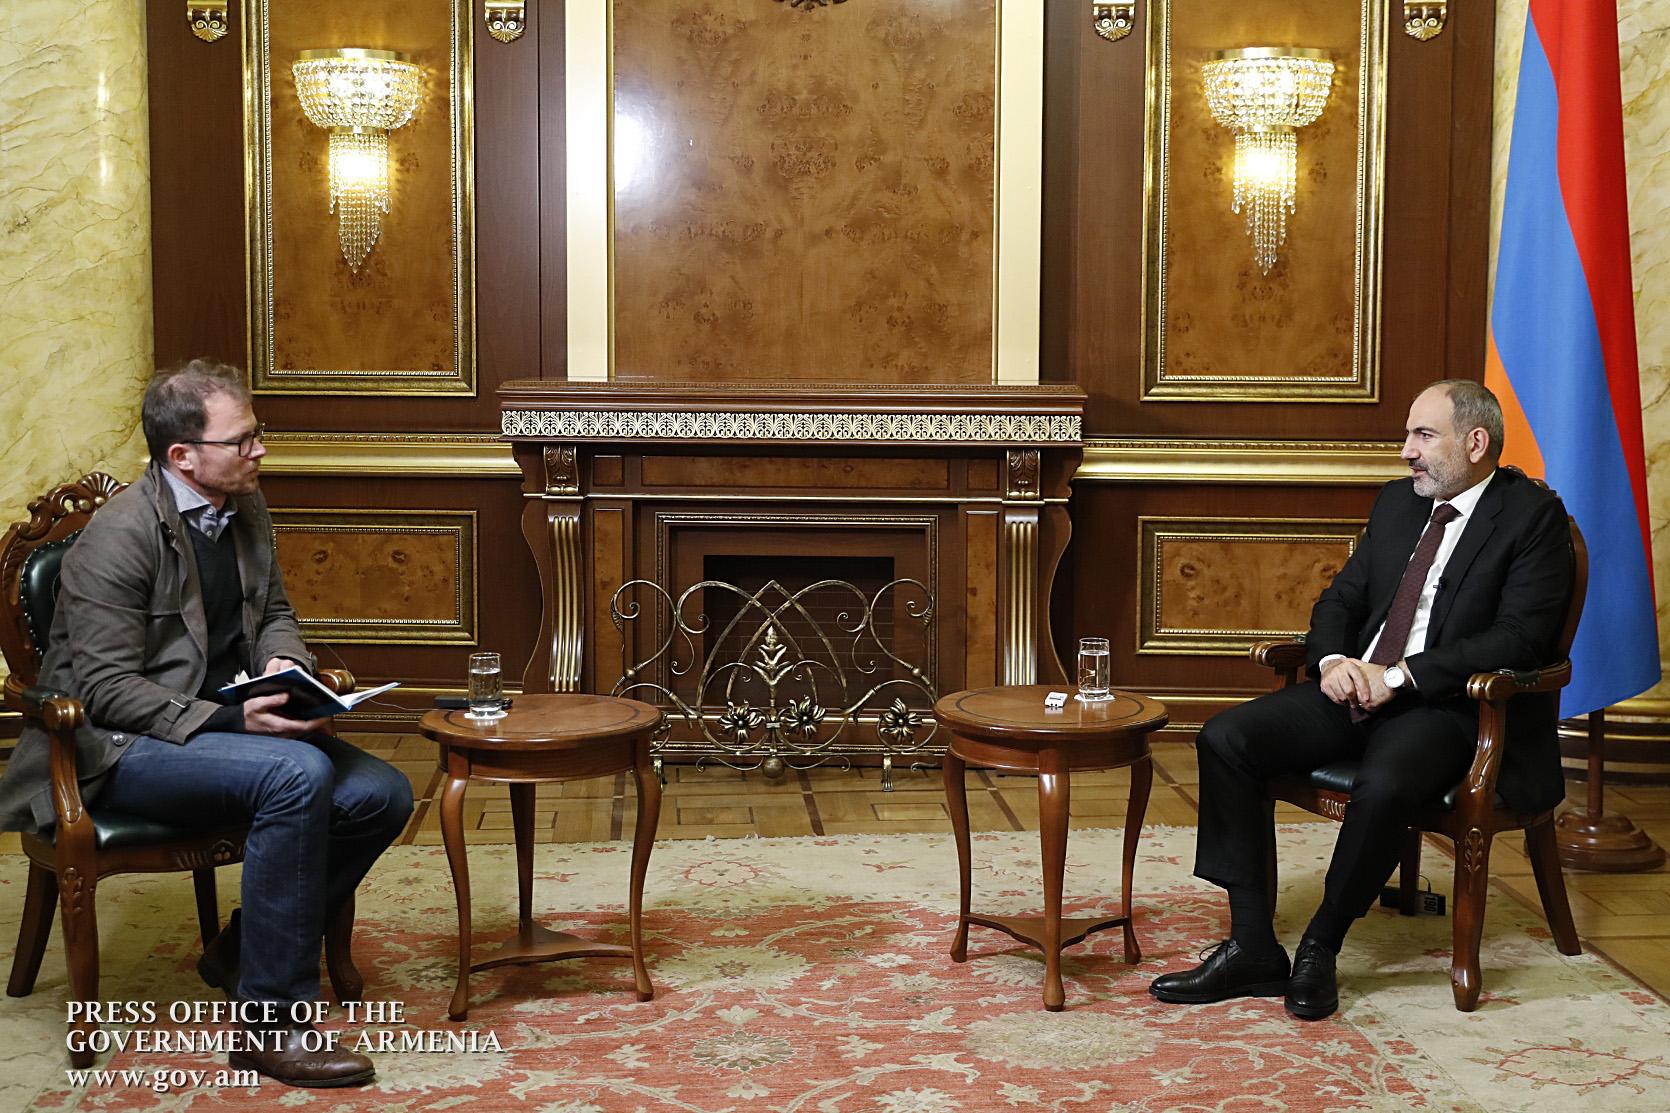 Photo of «Այլևս Ադրբեջանը չէ, որ որոշումներ է կայացնում սեփական ճակատագրի վերաբերյալ, Թուրքիան է կայացնում այդ որոշումները». Նիկոլ Փաշինյան